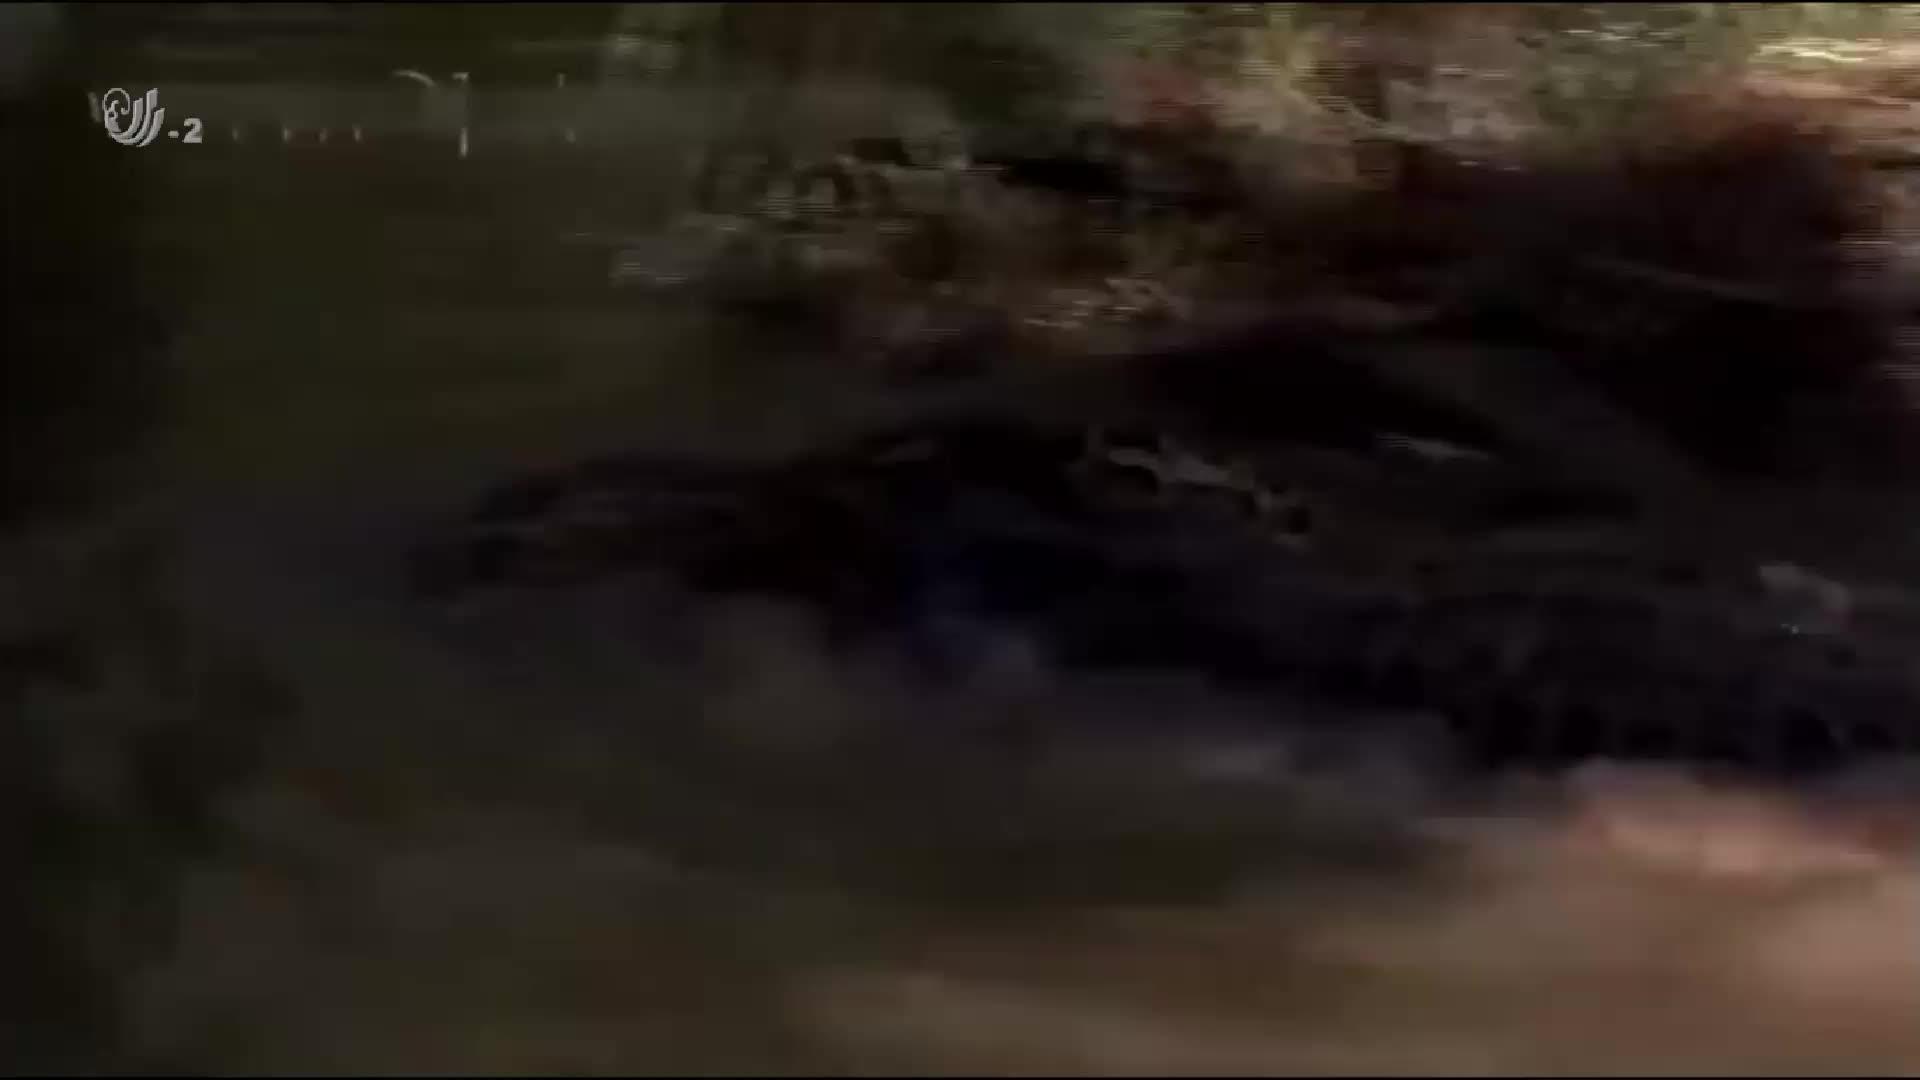 鳄鱼大战蟒蛇,双方从岸上一直打到河里,场面十分震撼!